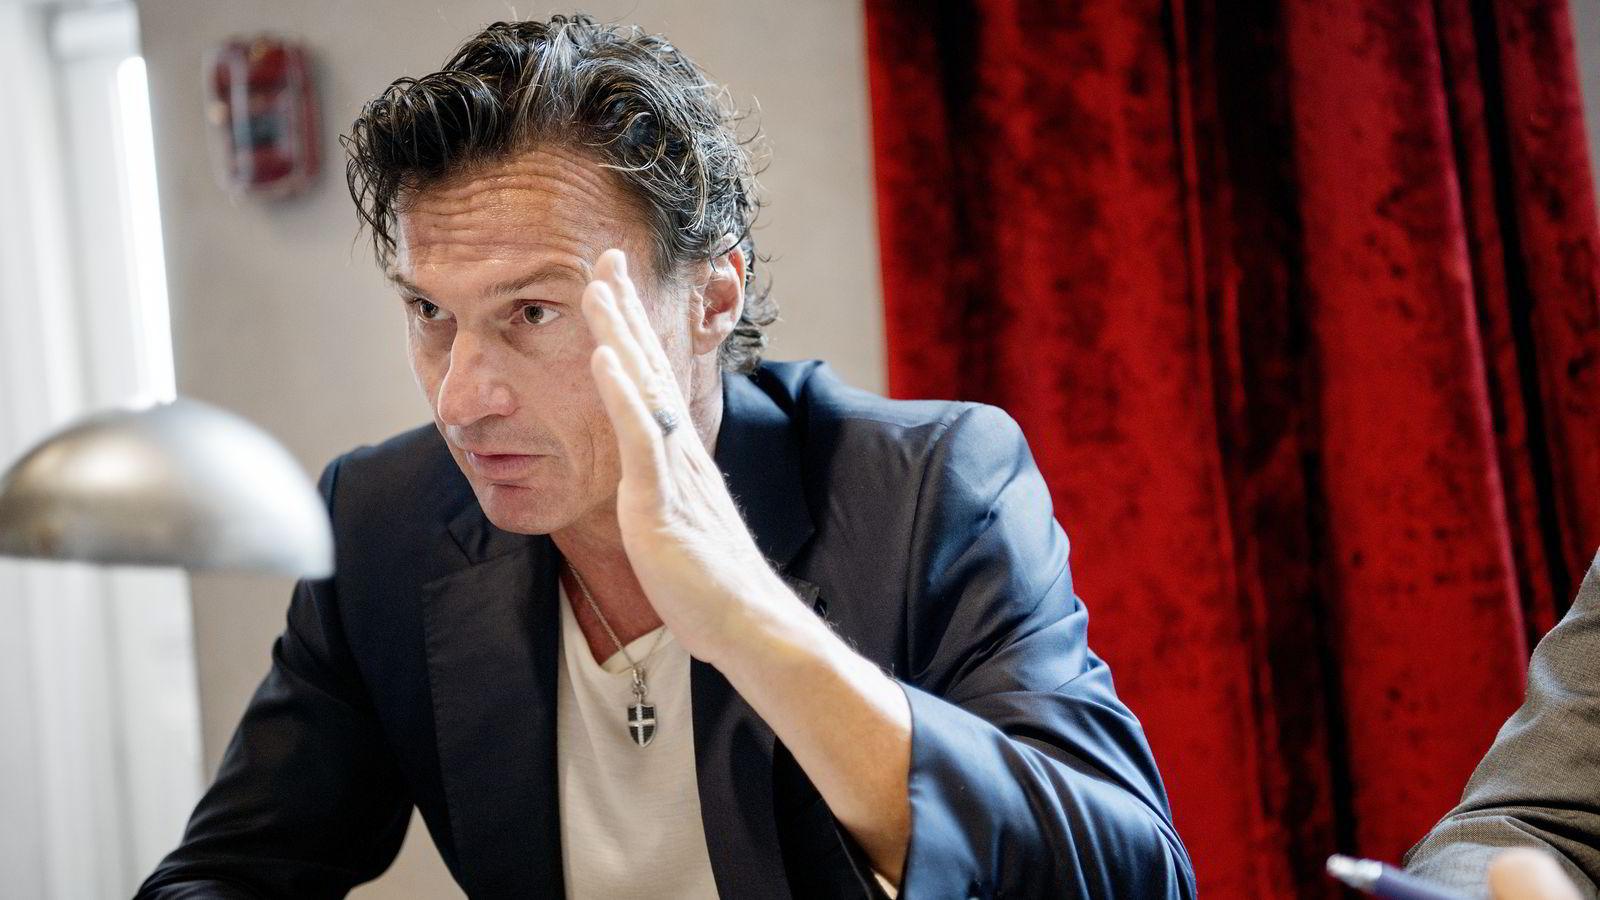 I sin selvbiografi «Jeg skal fortelle deg min hemmelighet» lovte Petter Stordalen (53) ut én million kroner til den gründeren som pitchet den beste ideen. Foto Mikaela Berg